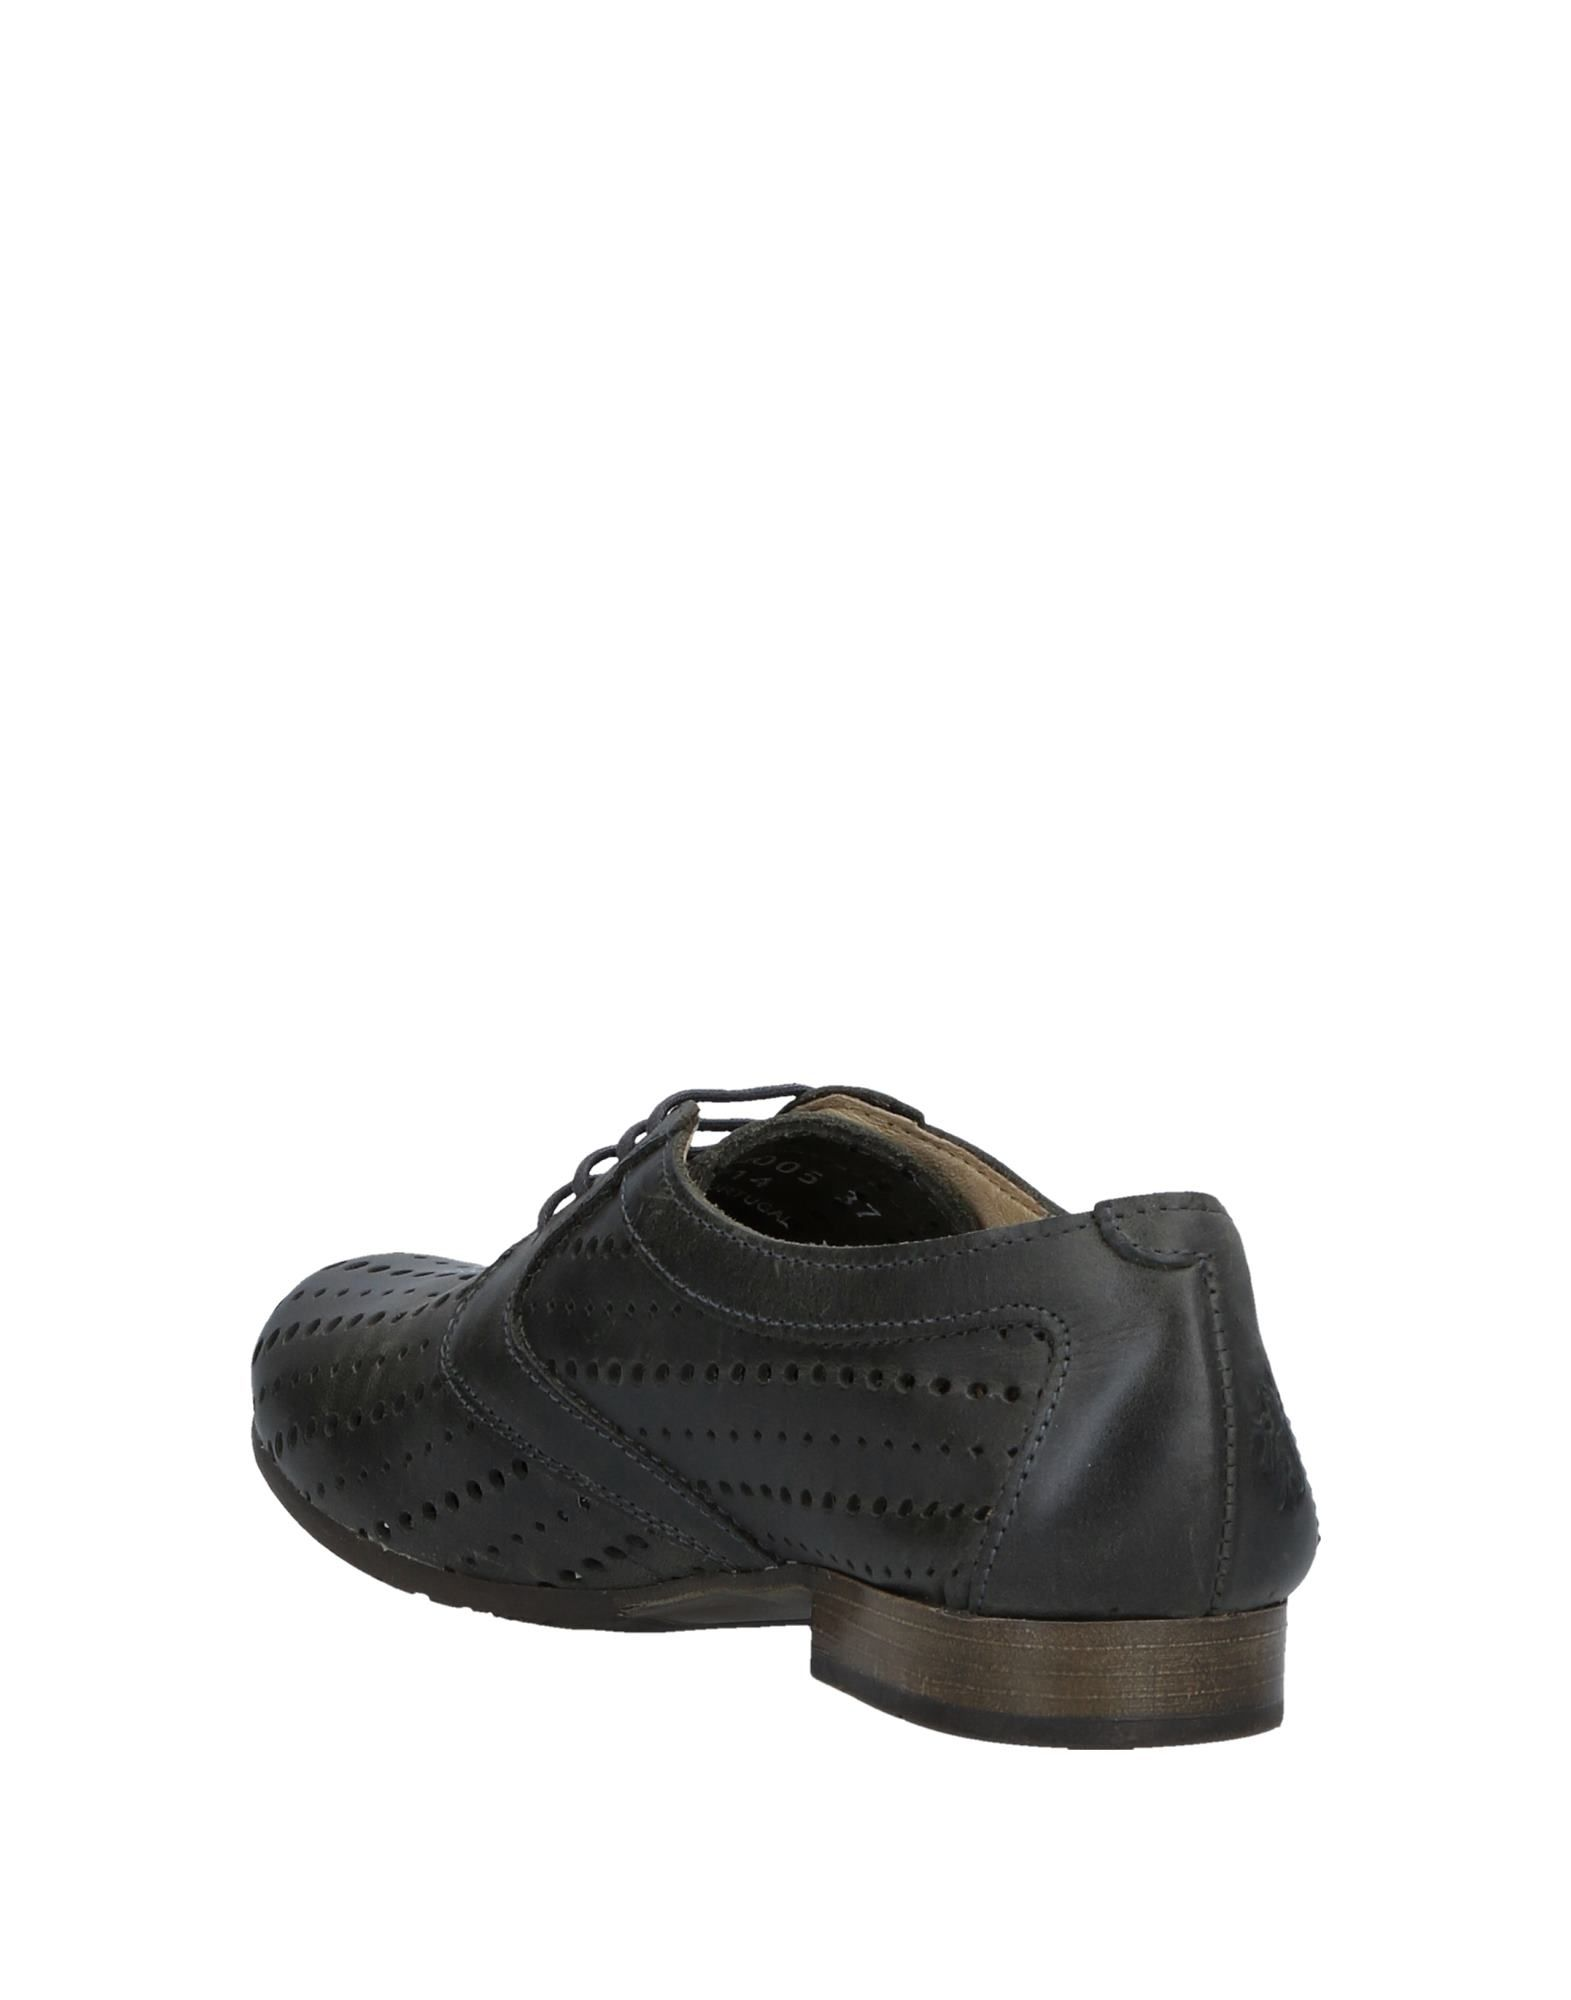 Fly London Schnürschuhe 44953257TE Damen  44953257TE Schnürschuhe Gute Qualität beliebte Schuhe d39880